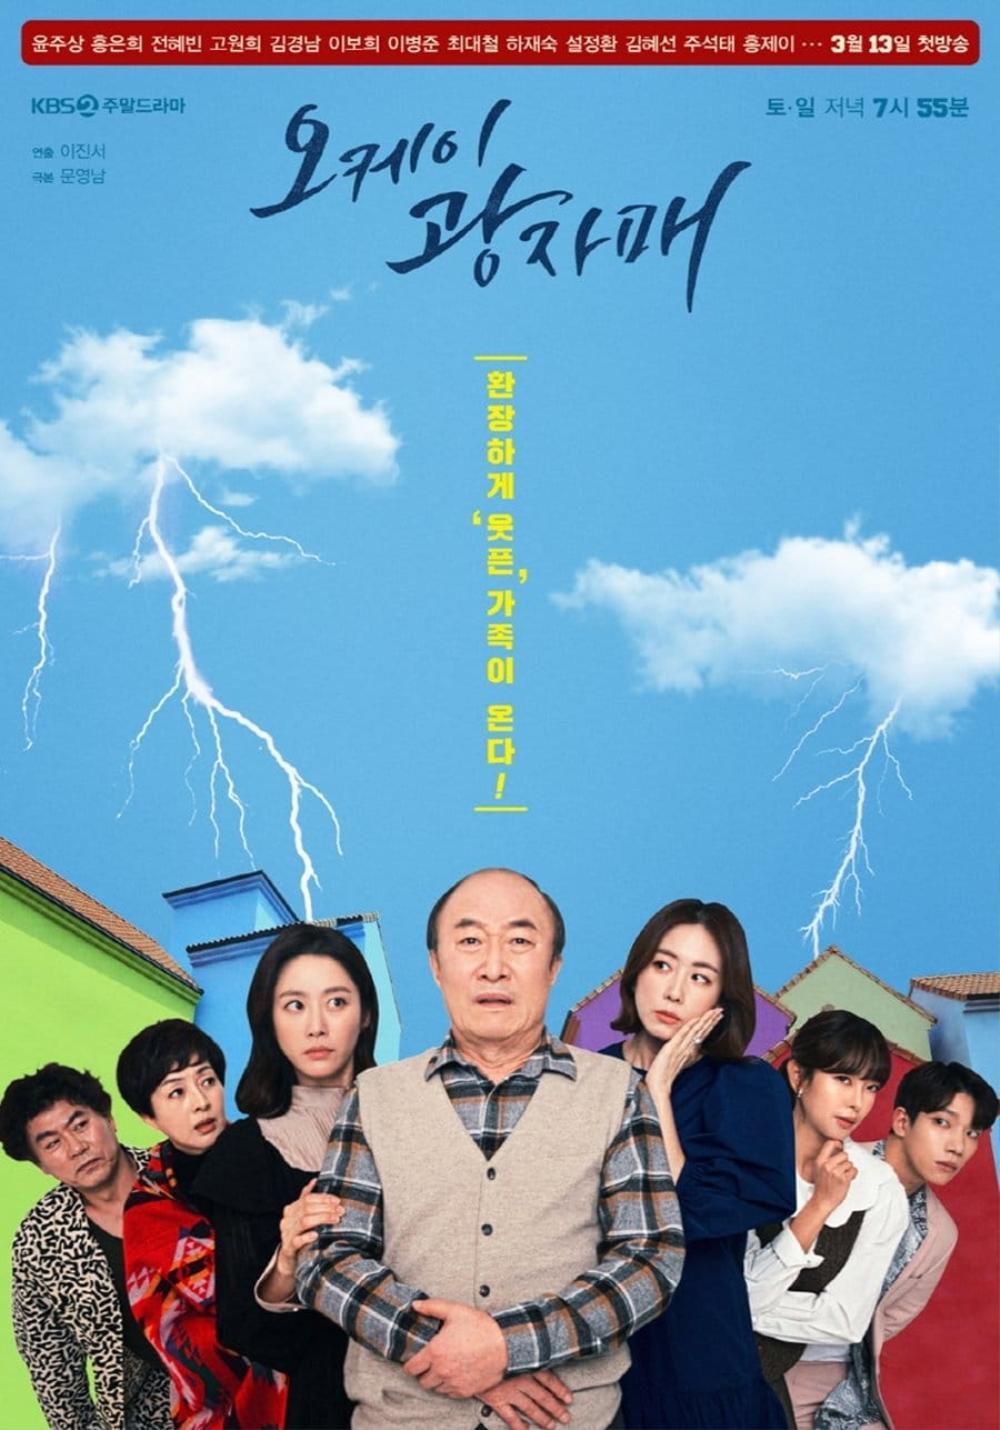 Phim truyền hình Hàn Quốc tháng 3: Đa dạng thể loại, từ lãng mạn, hài hước đến kinh dị Ảnh 8